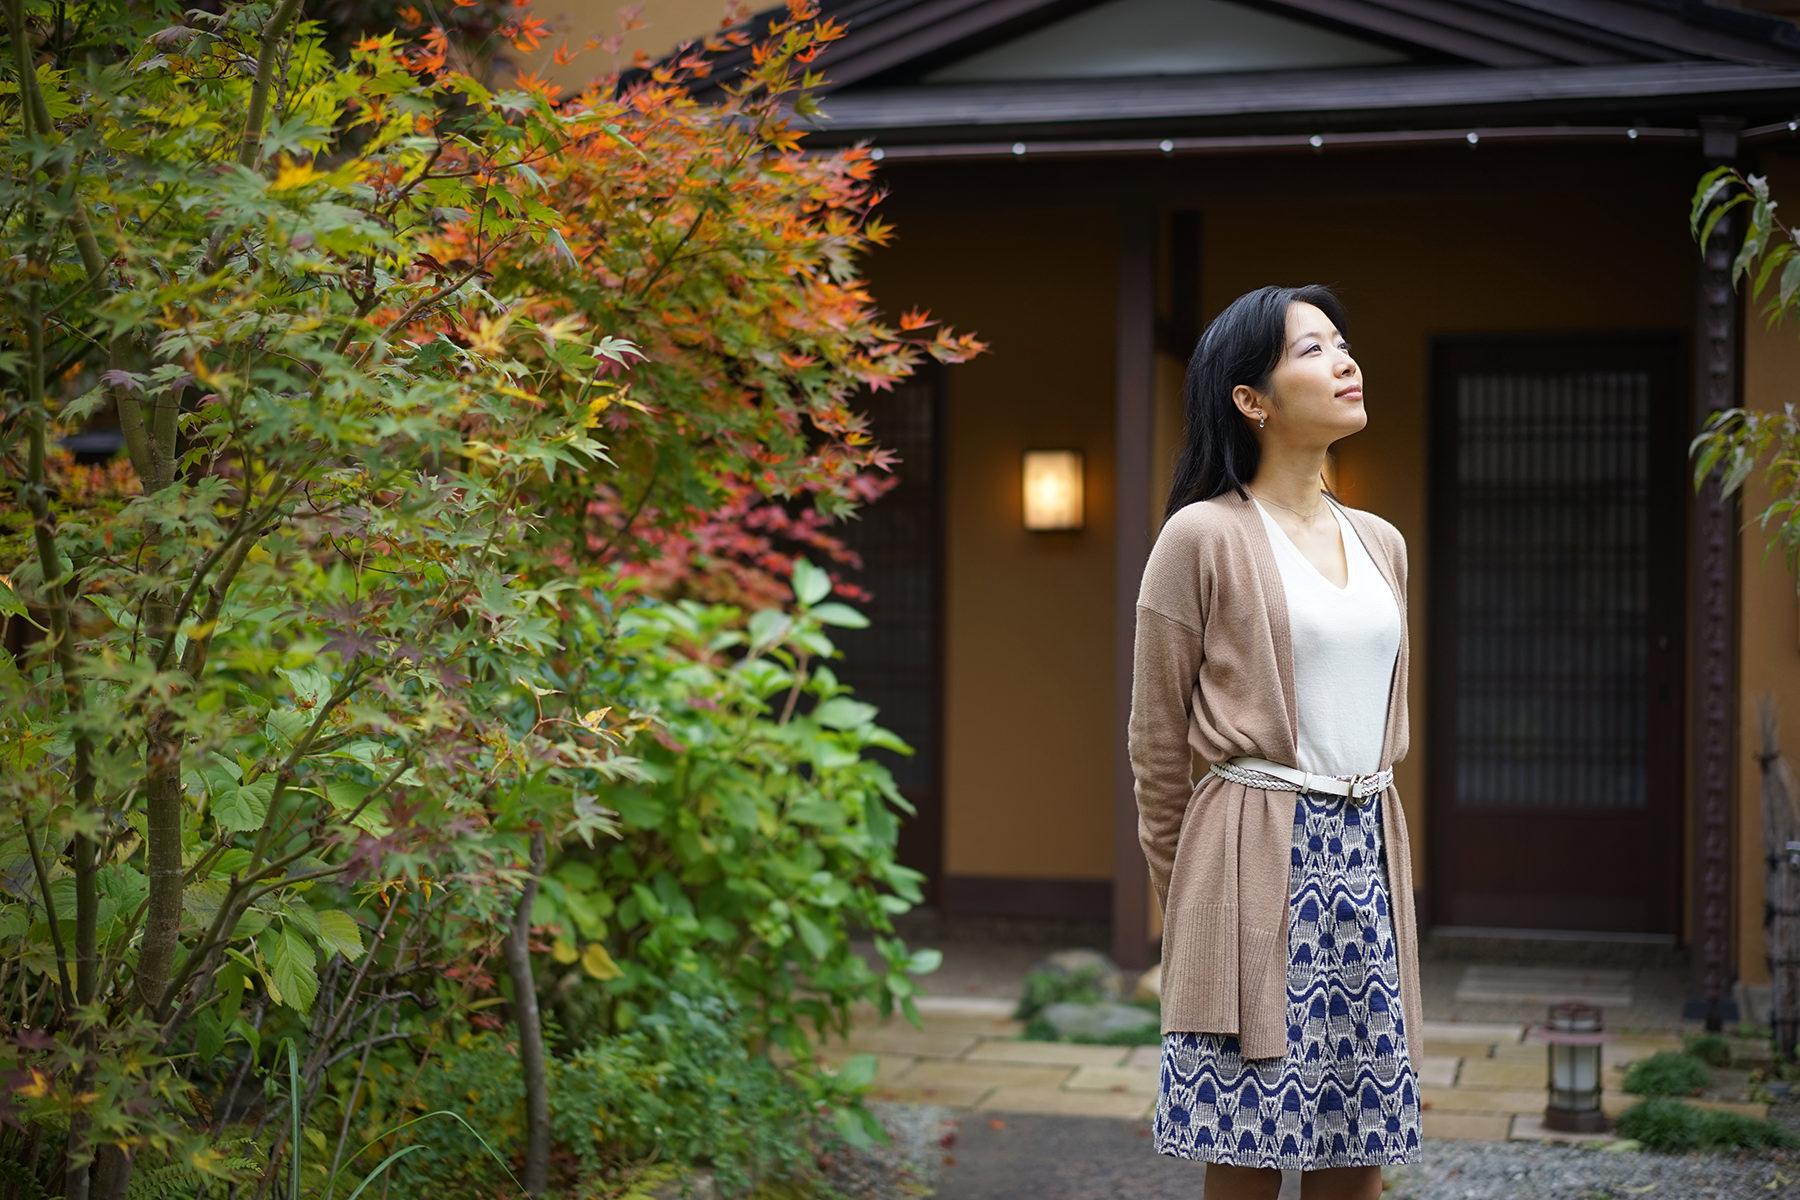 秋-3 紅葉の庭を散策